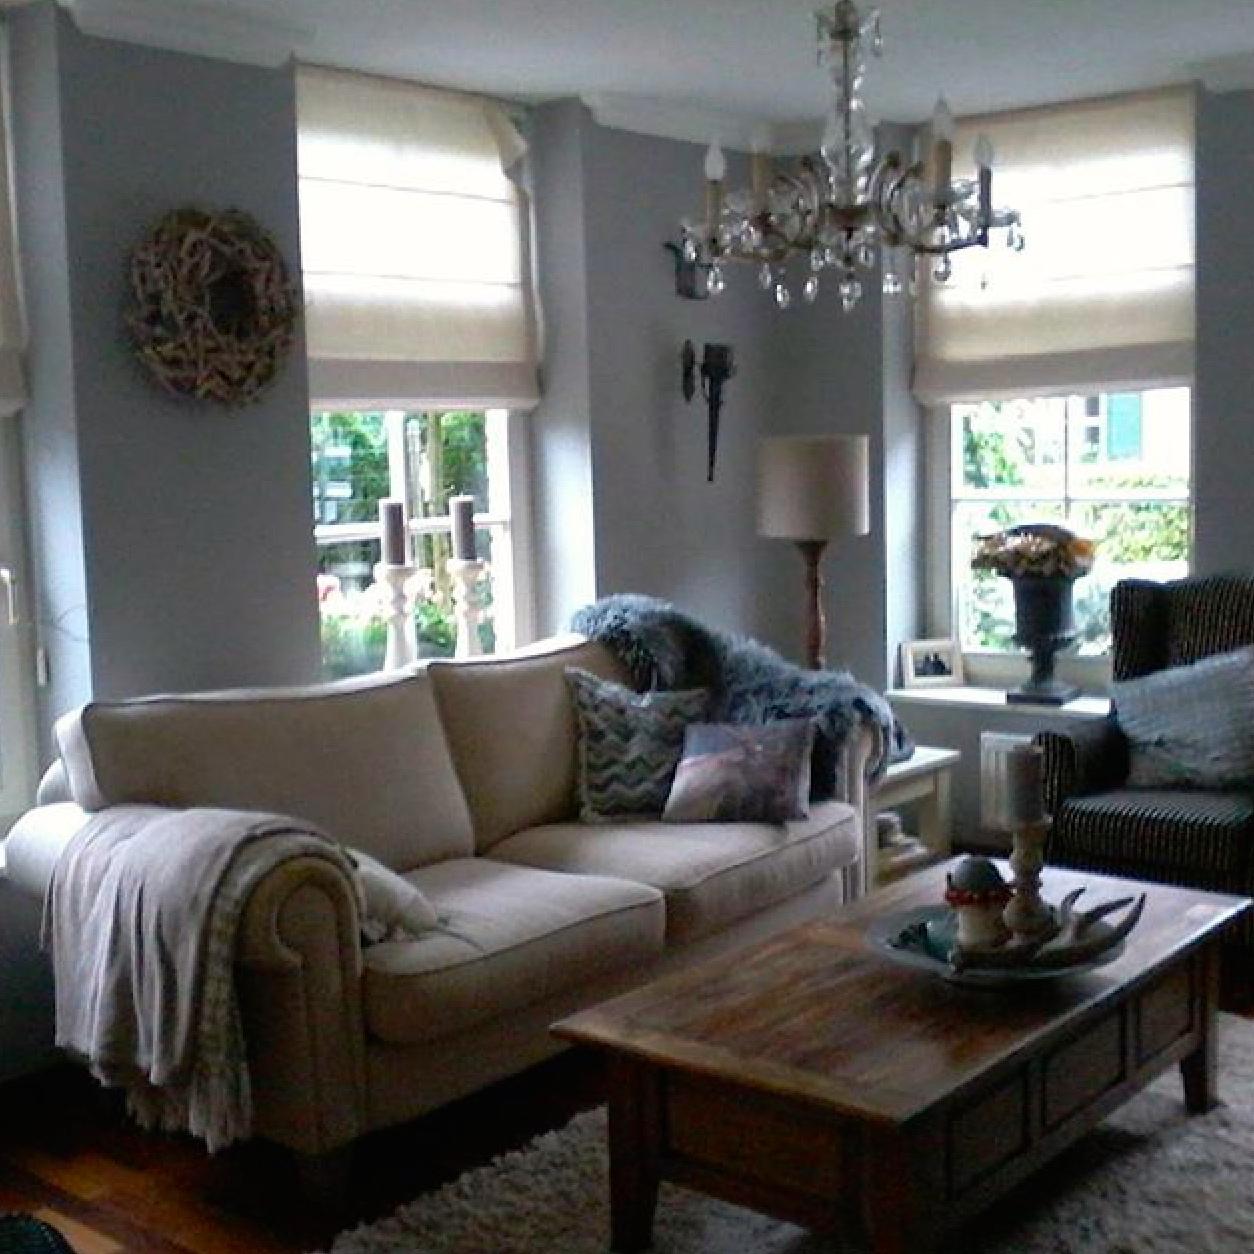 het account van olga met fotos van haar originele interieur met zachte kleuren en een moderne twist verdient ook zeker een plekje in je instagram lijst